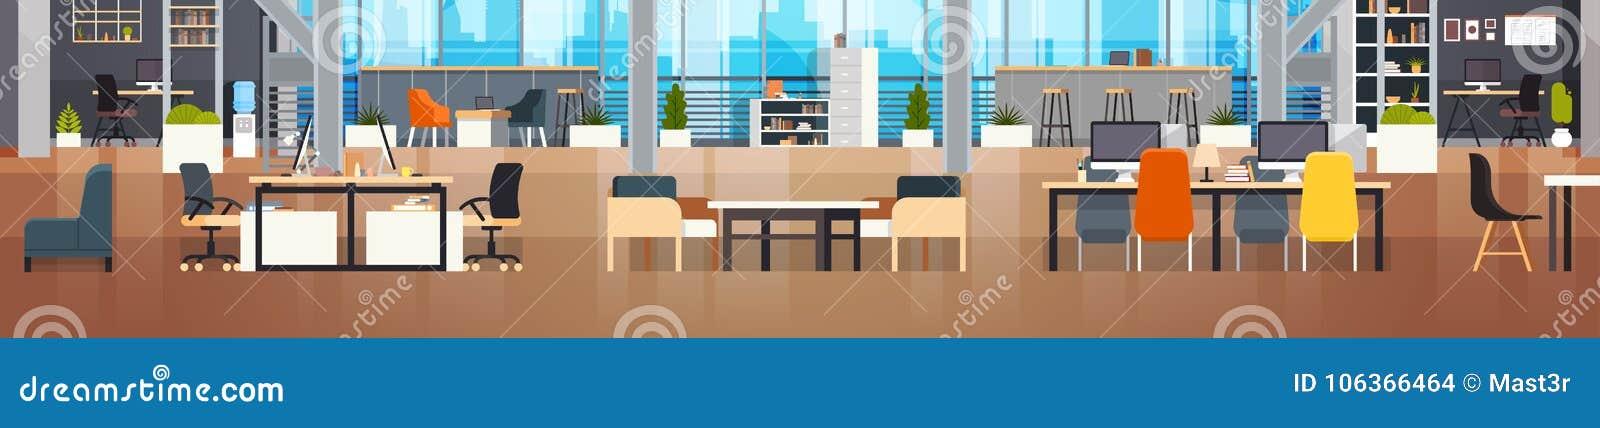 Окружающей среды рабочего места Coworking офиса Coworking знамя внутренней современной разбивочной творческой горизонтальное